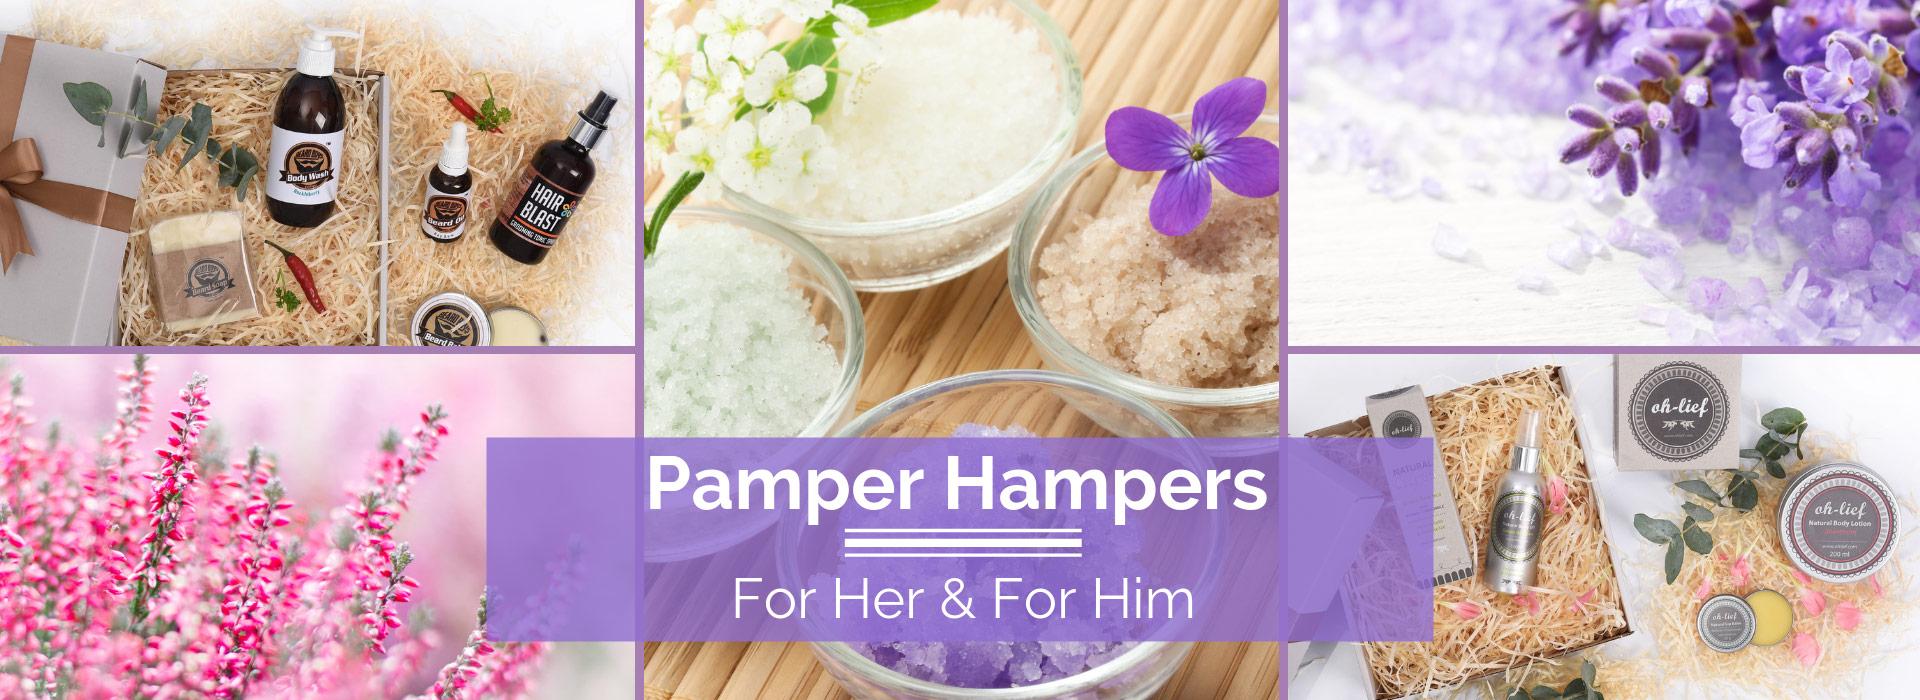 Pamper Hampers for Him and Her | Hamper World